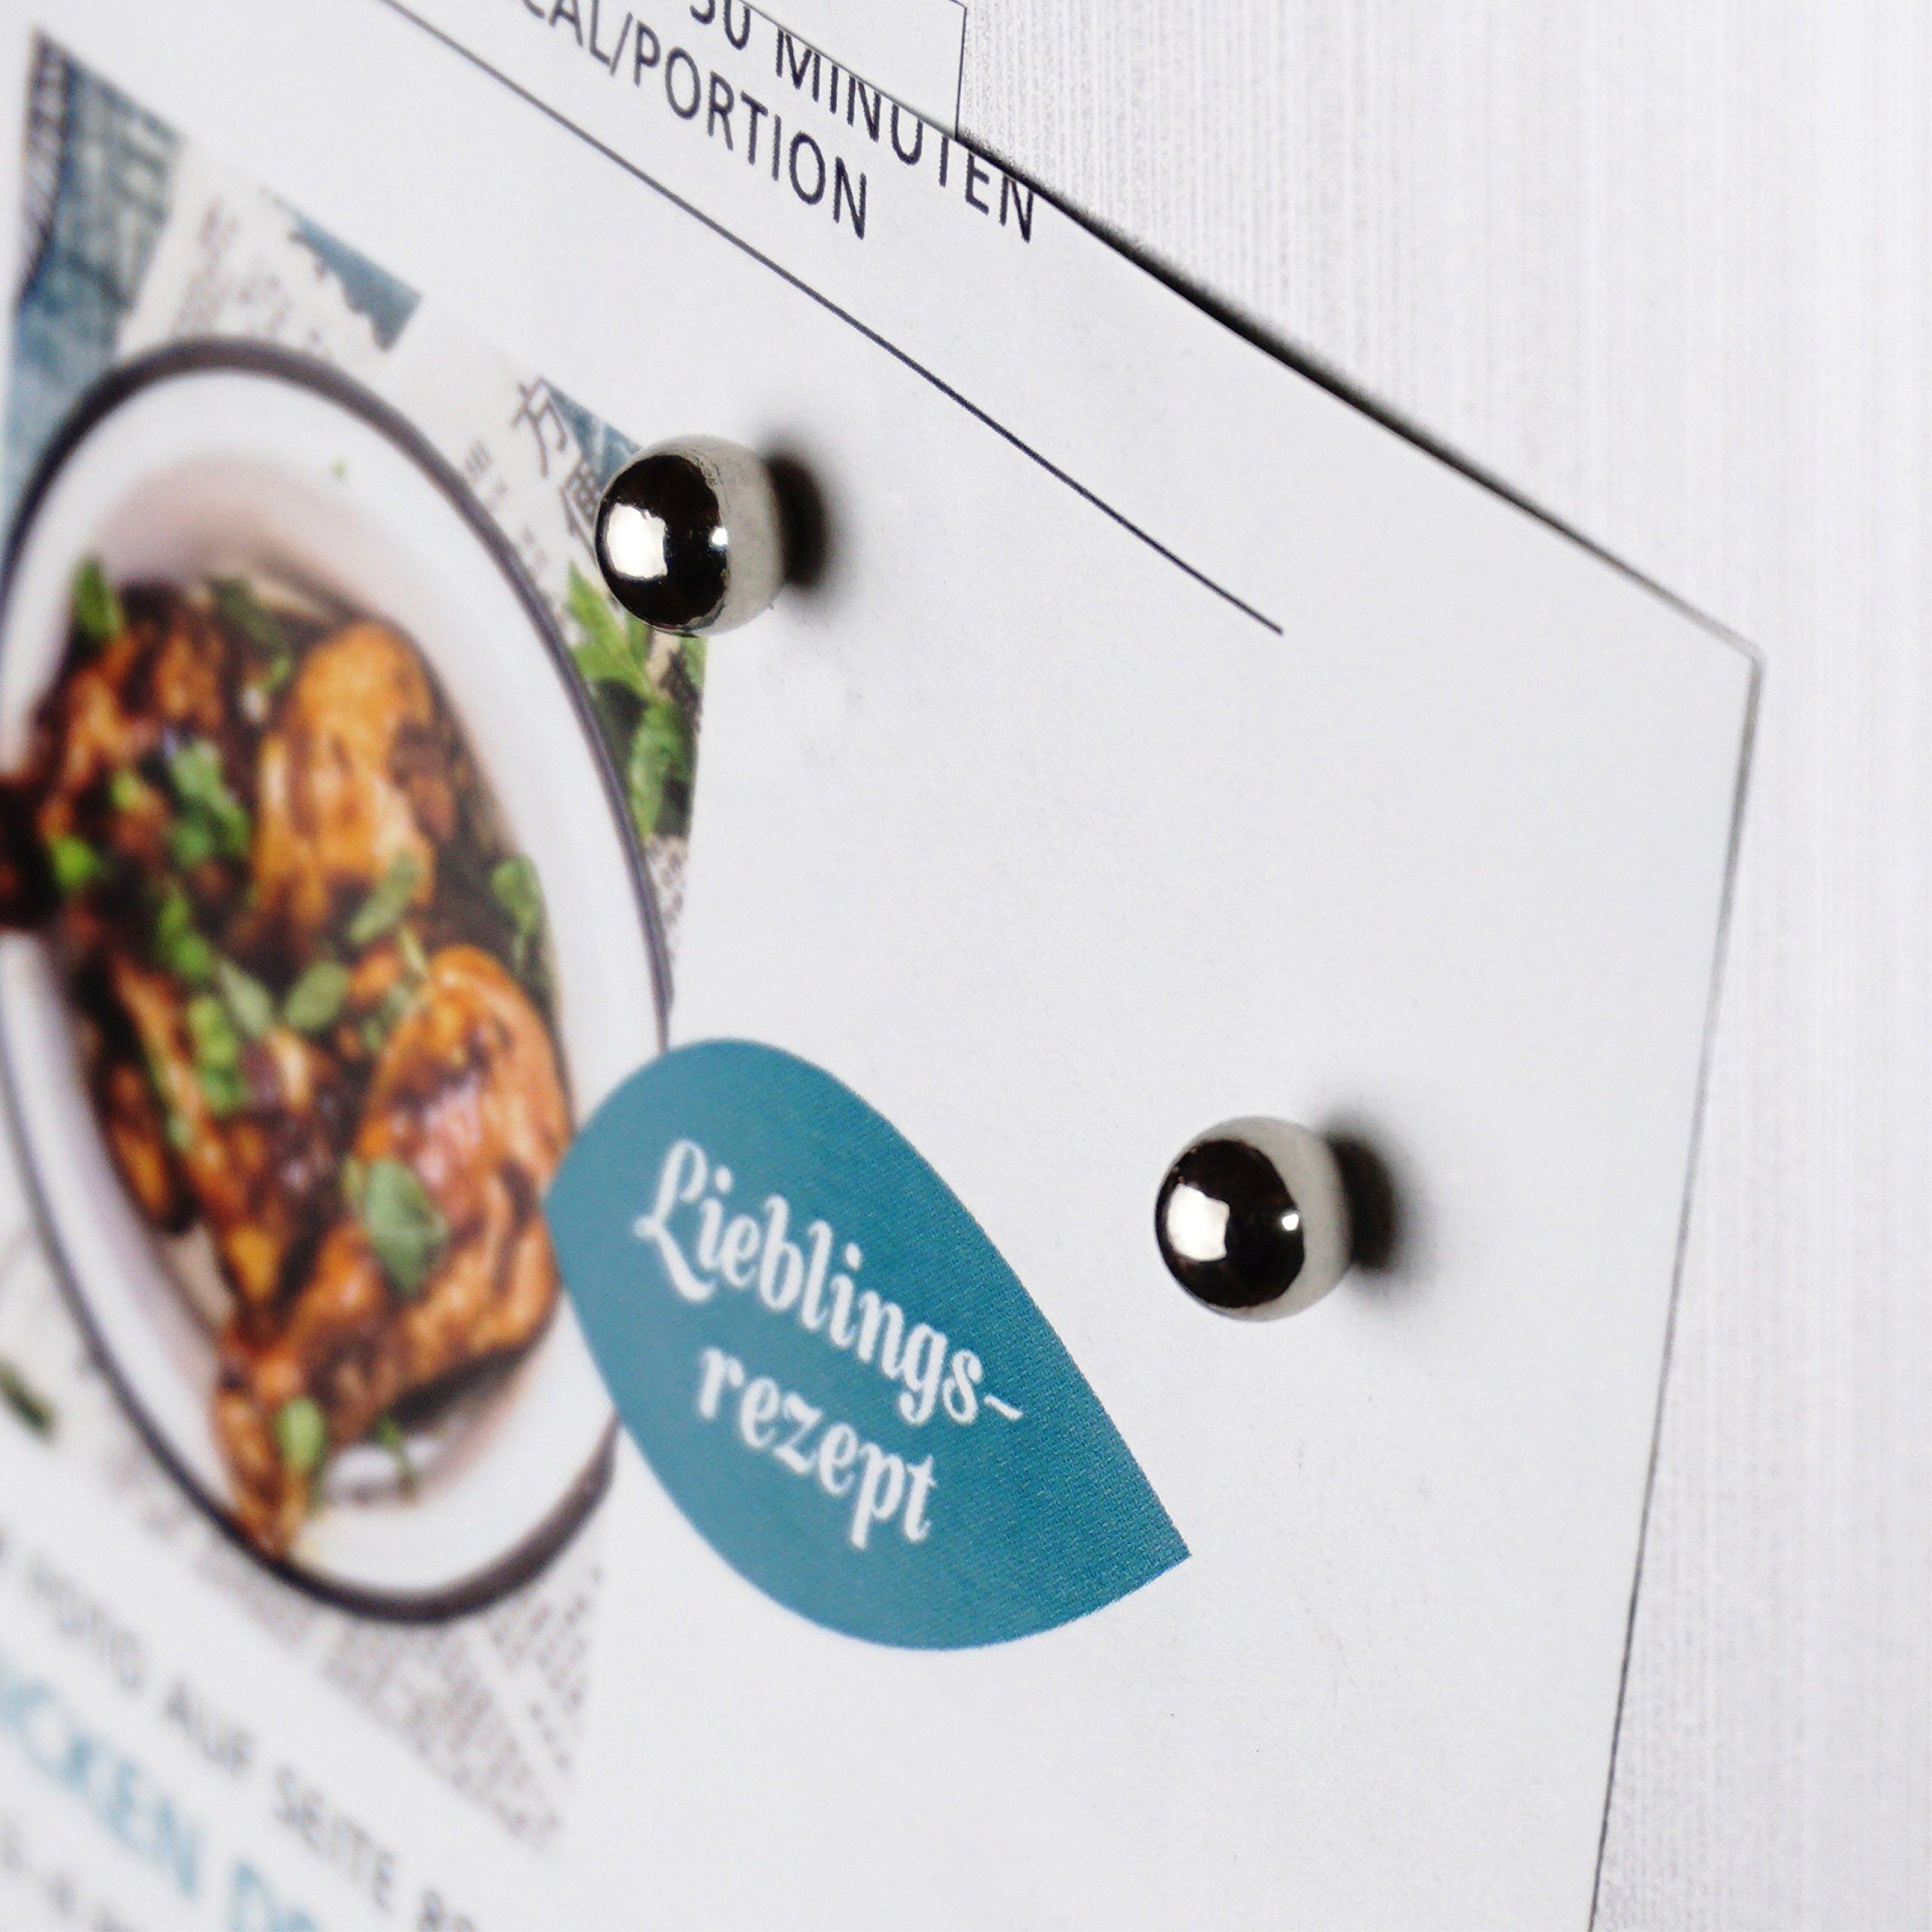 OfficeTree® 216 Mini imanes de neodimio 5x5x5 mm – Sujeción extra fuerte para pizarra blanca, pizarra magnética, tableros, vidrio, frigorífico – Calidad premium